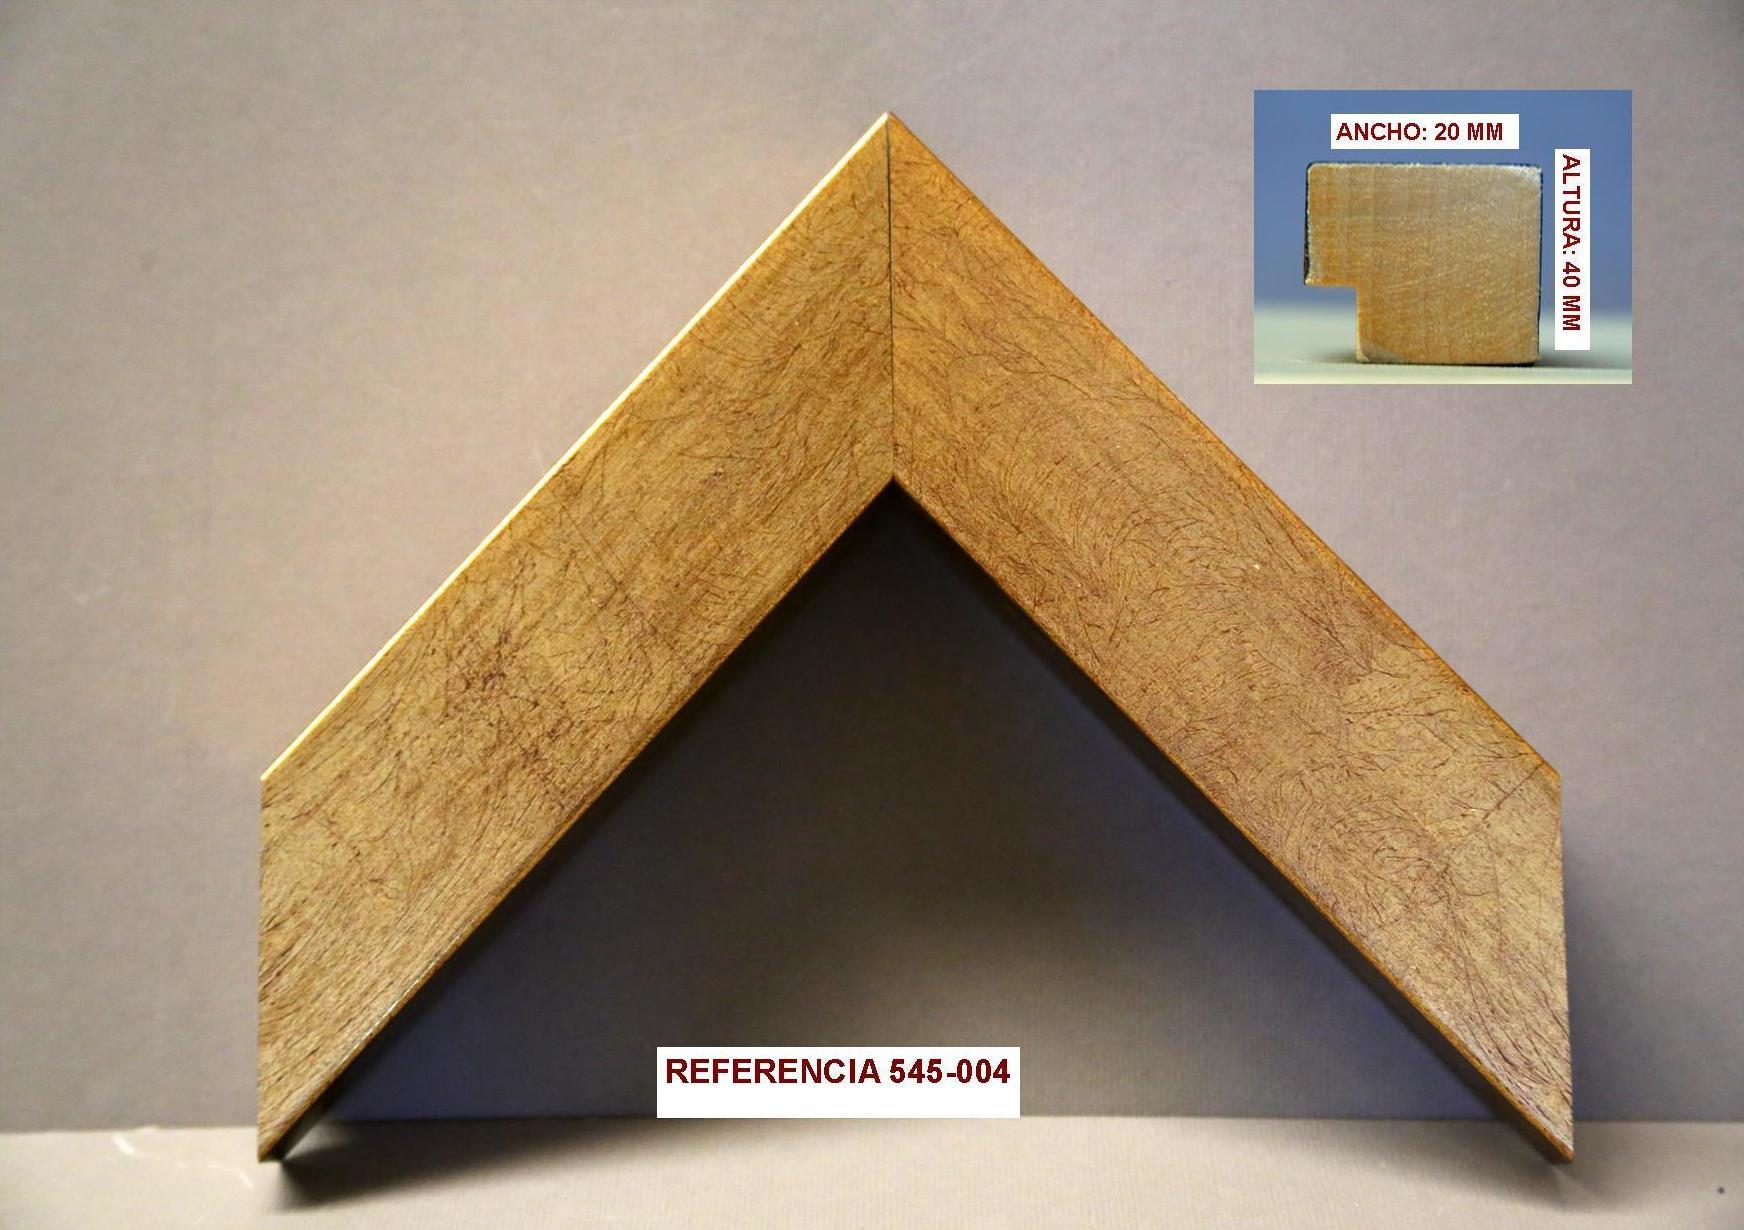 REF 545-004: Muestrario de Moldusevilla